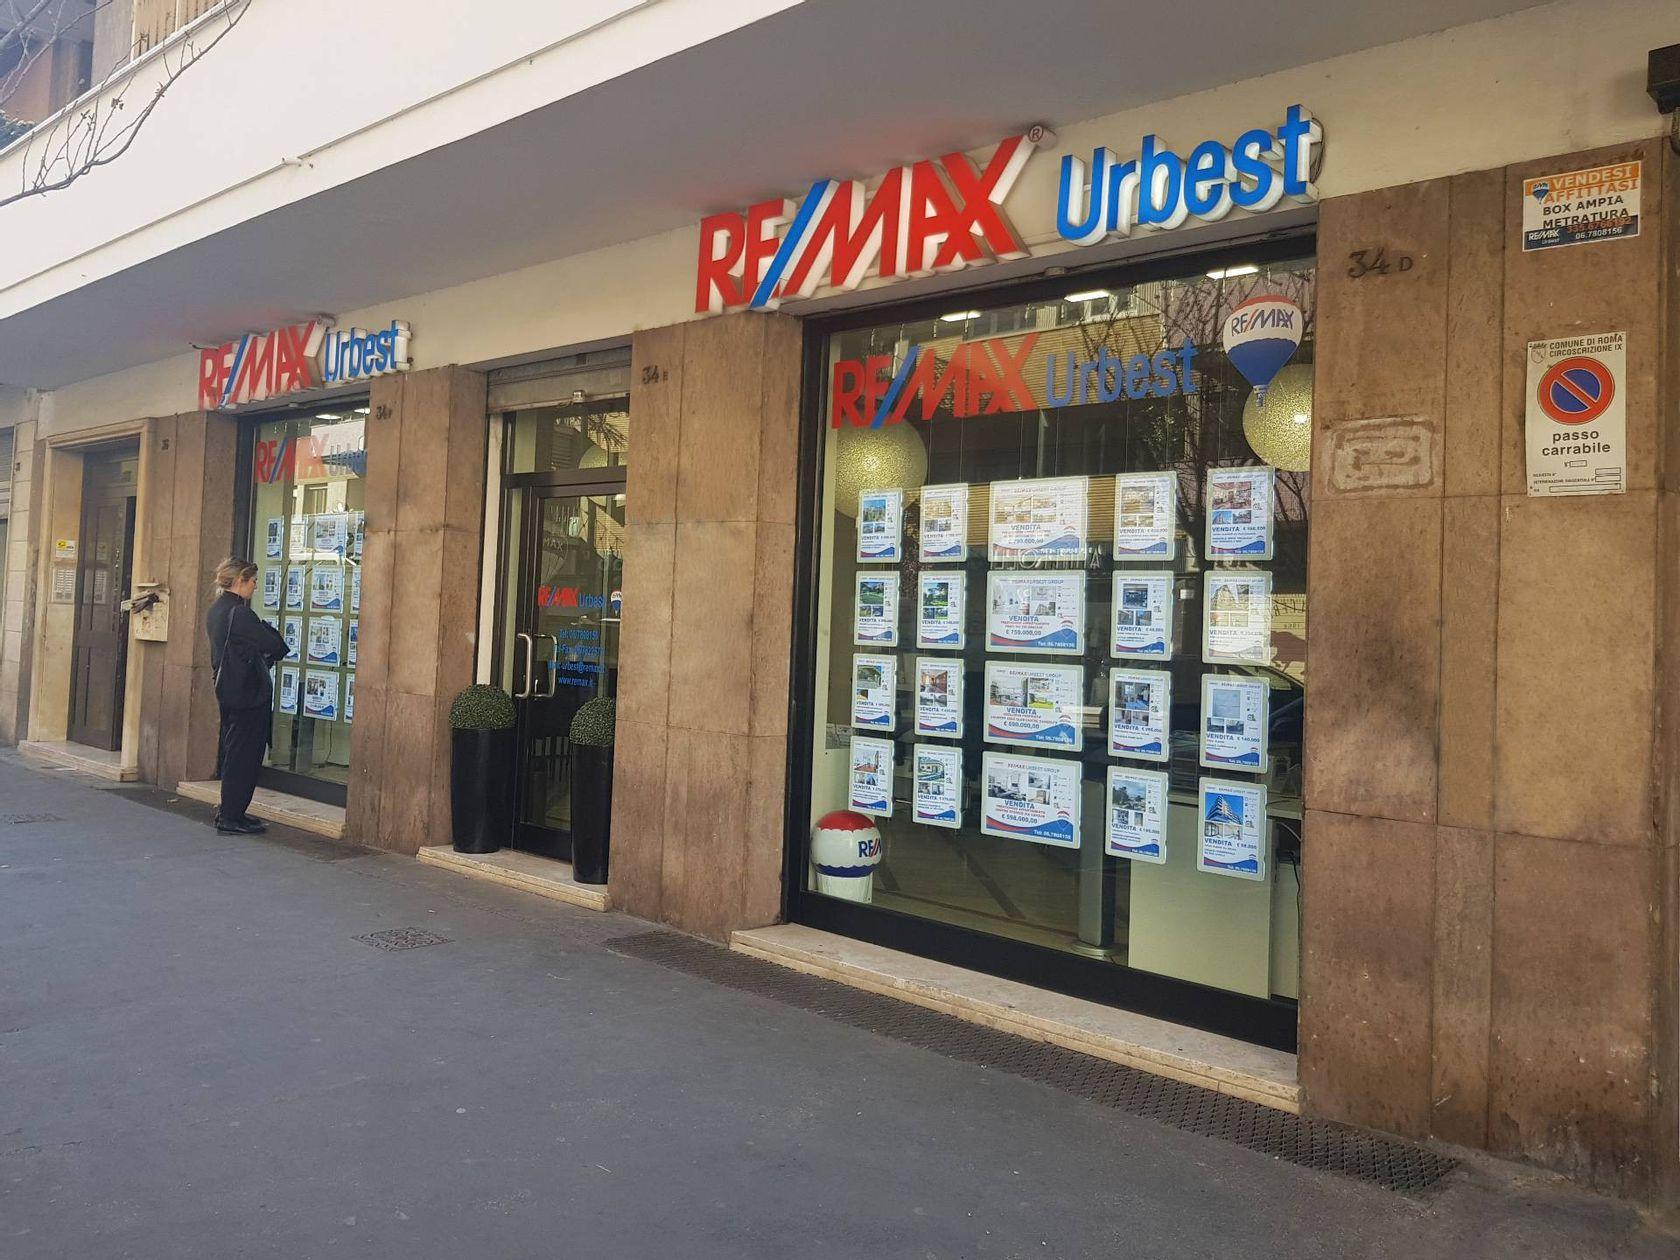 RE/MAX Urbest Roma - Foto 5